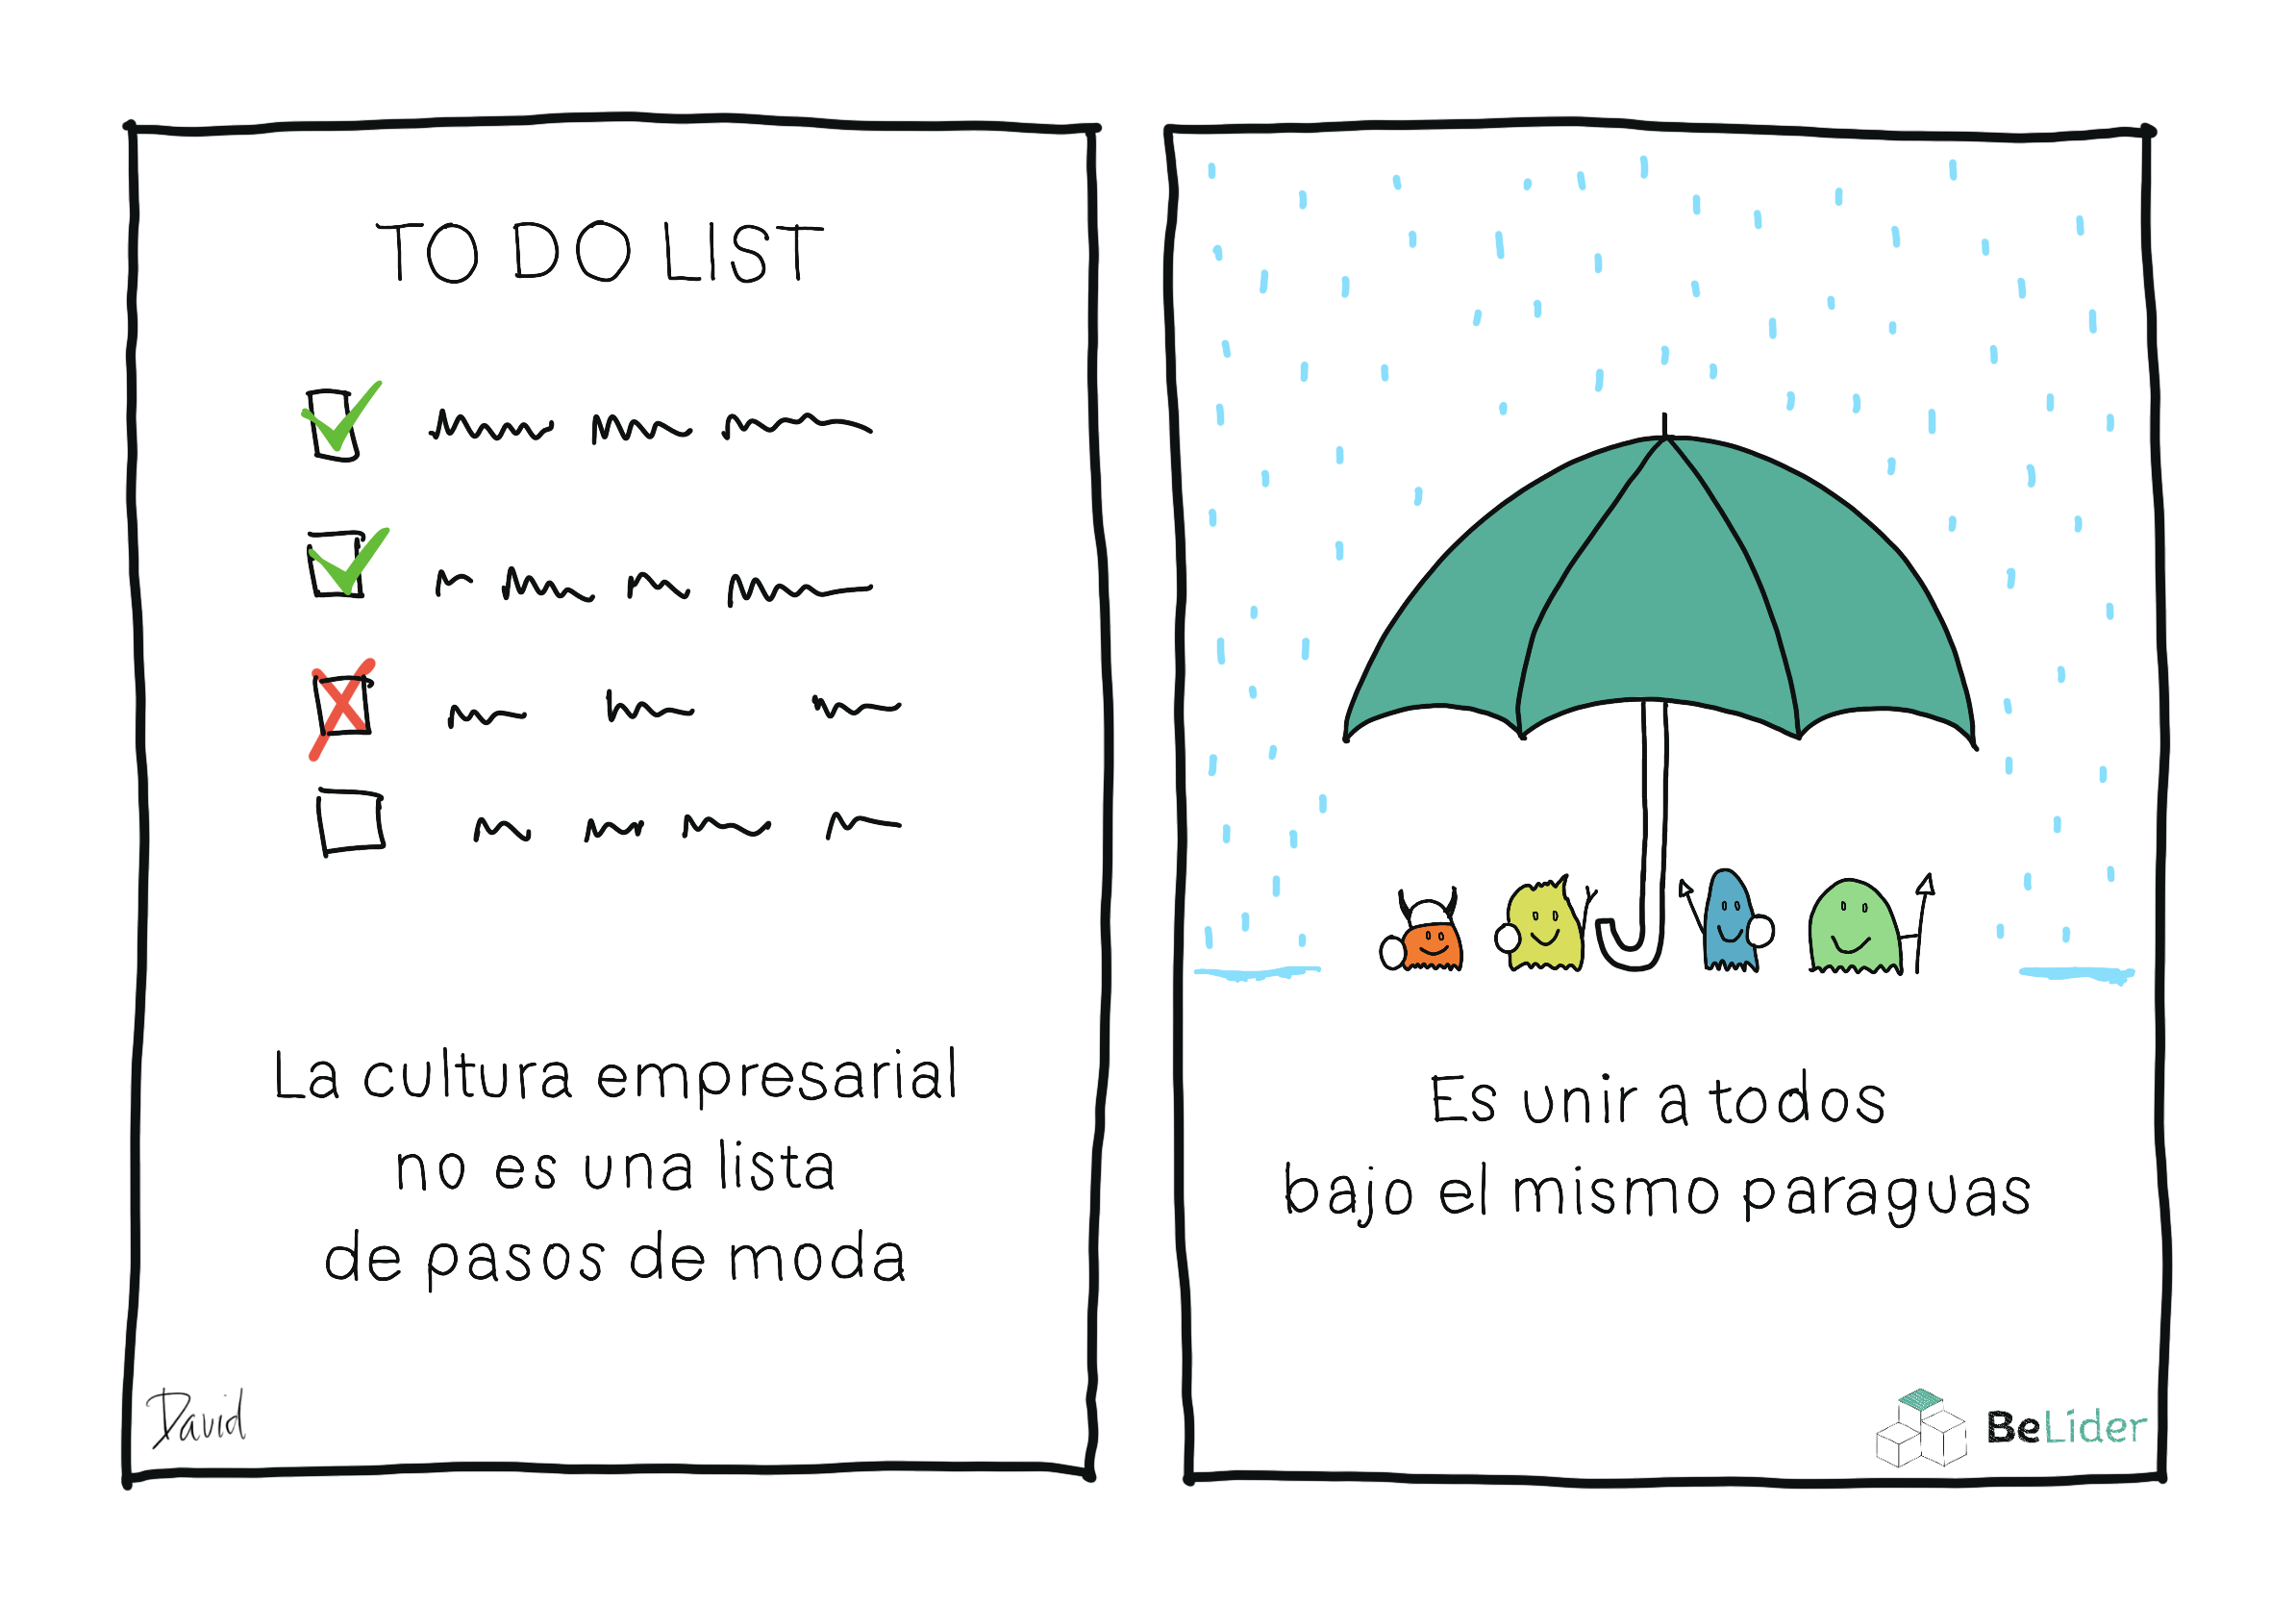 La Cultura Empresarial no es una lista de tareas